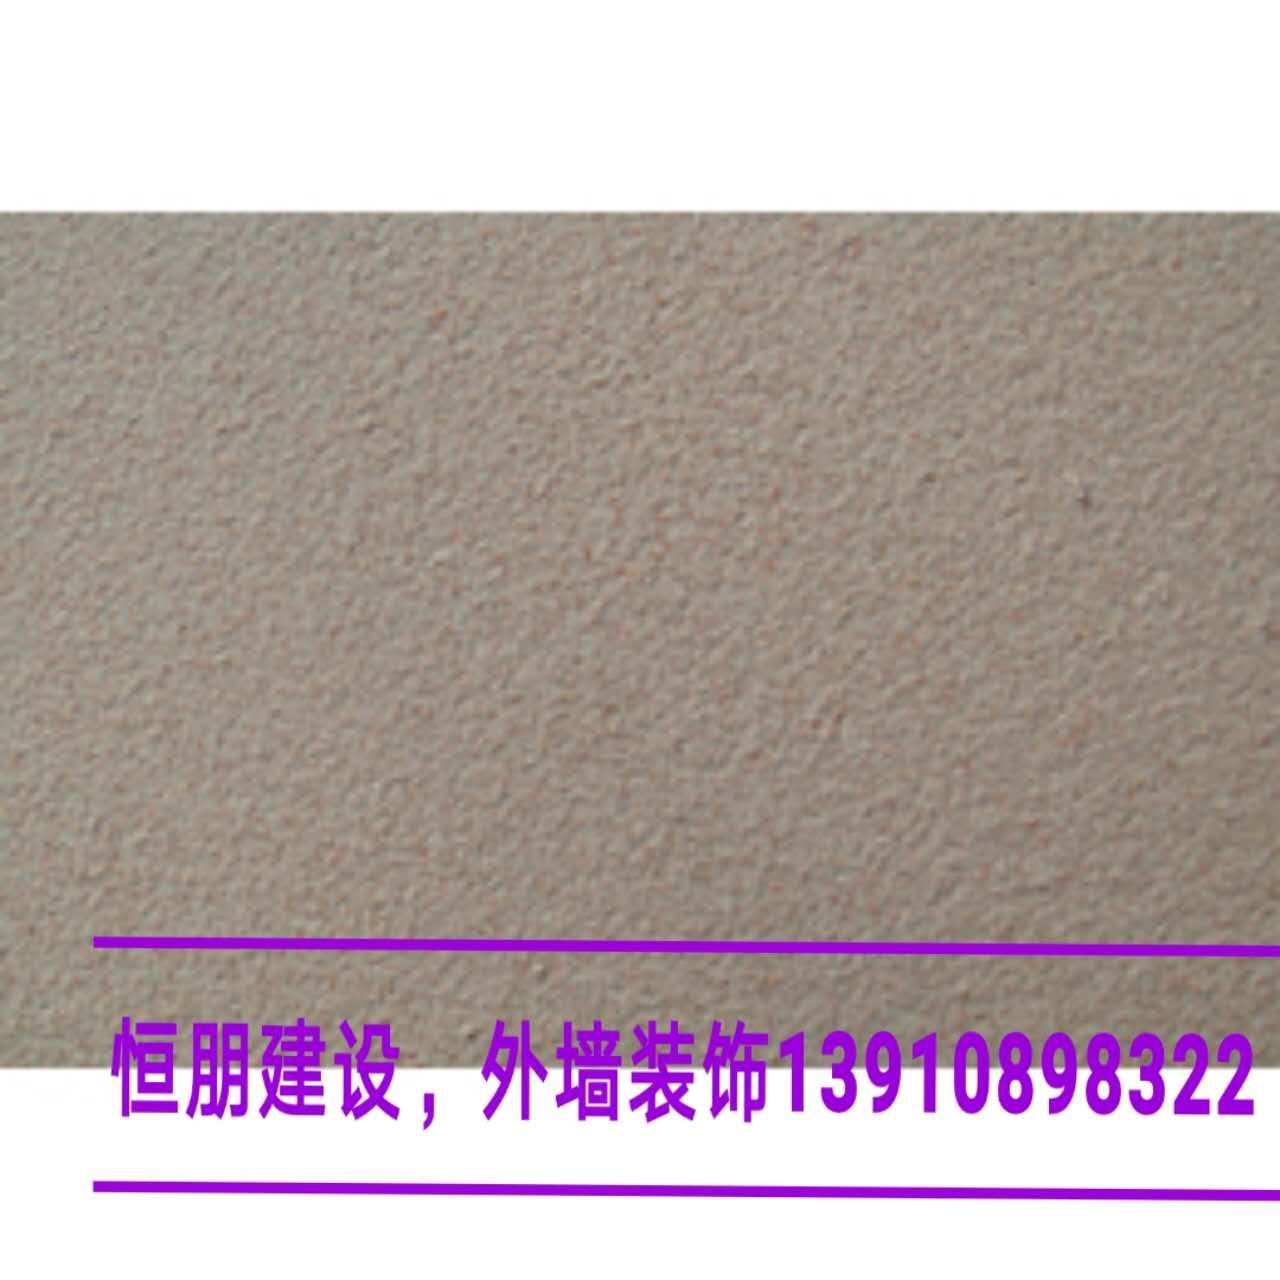 真石漆北京